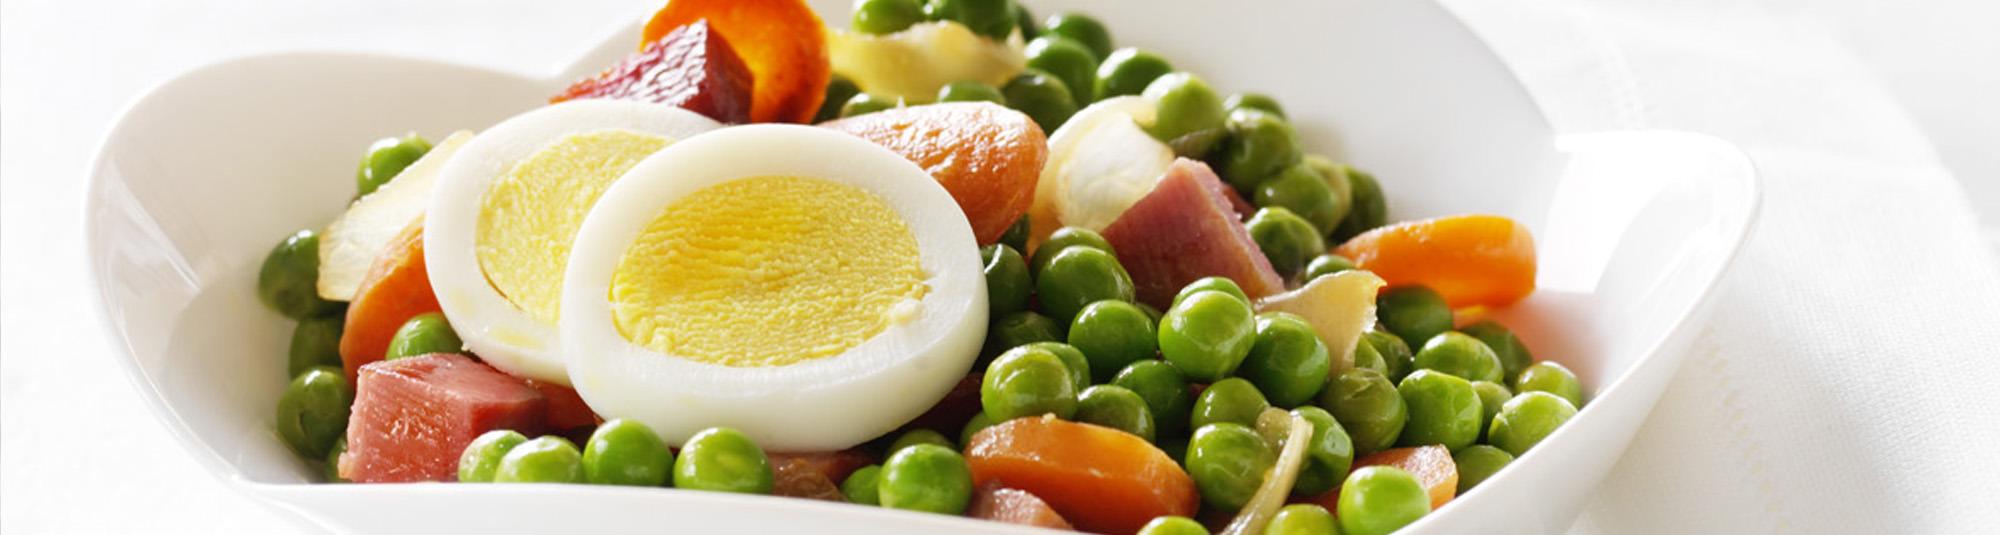 Plato de guisantes con huevo 1024 x 274